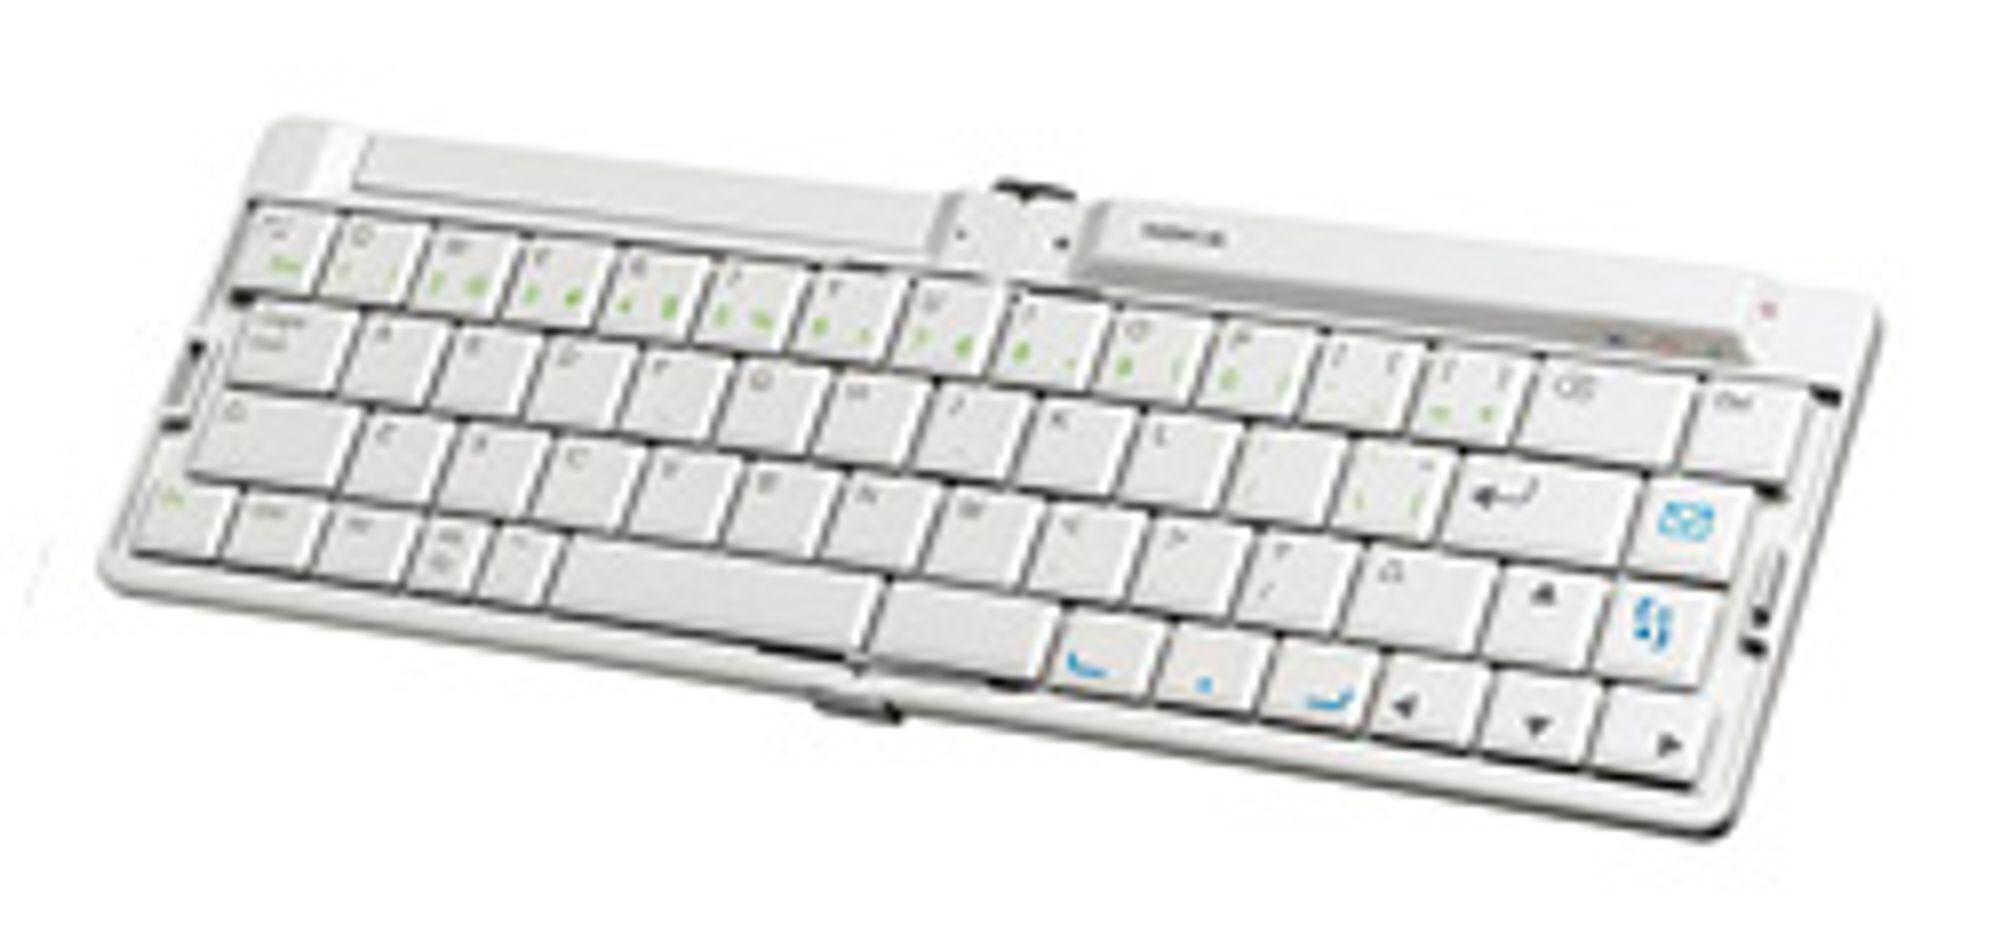 Nokias trådløse tastatur. (Foto: Nokia)